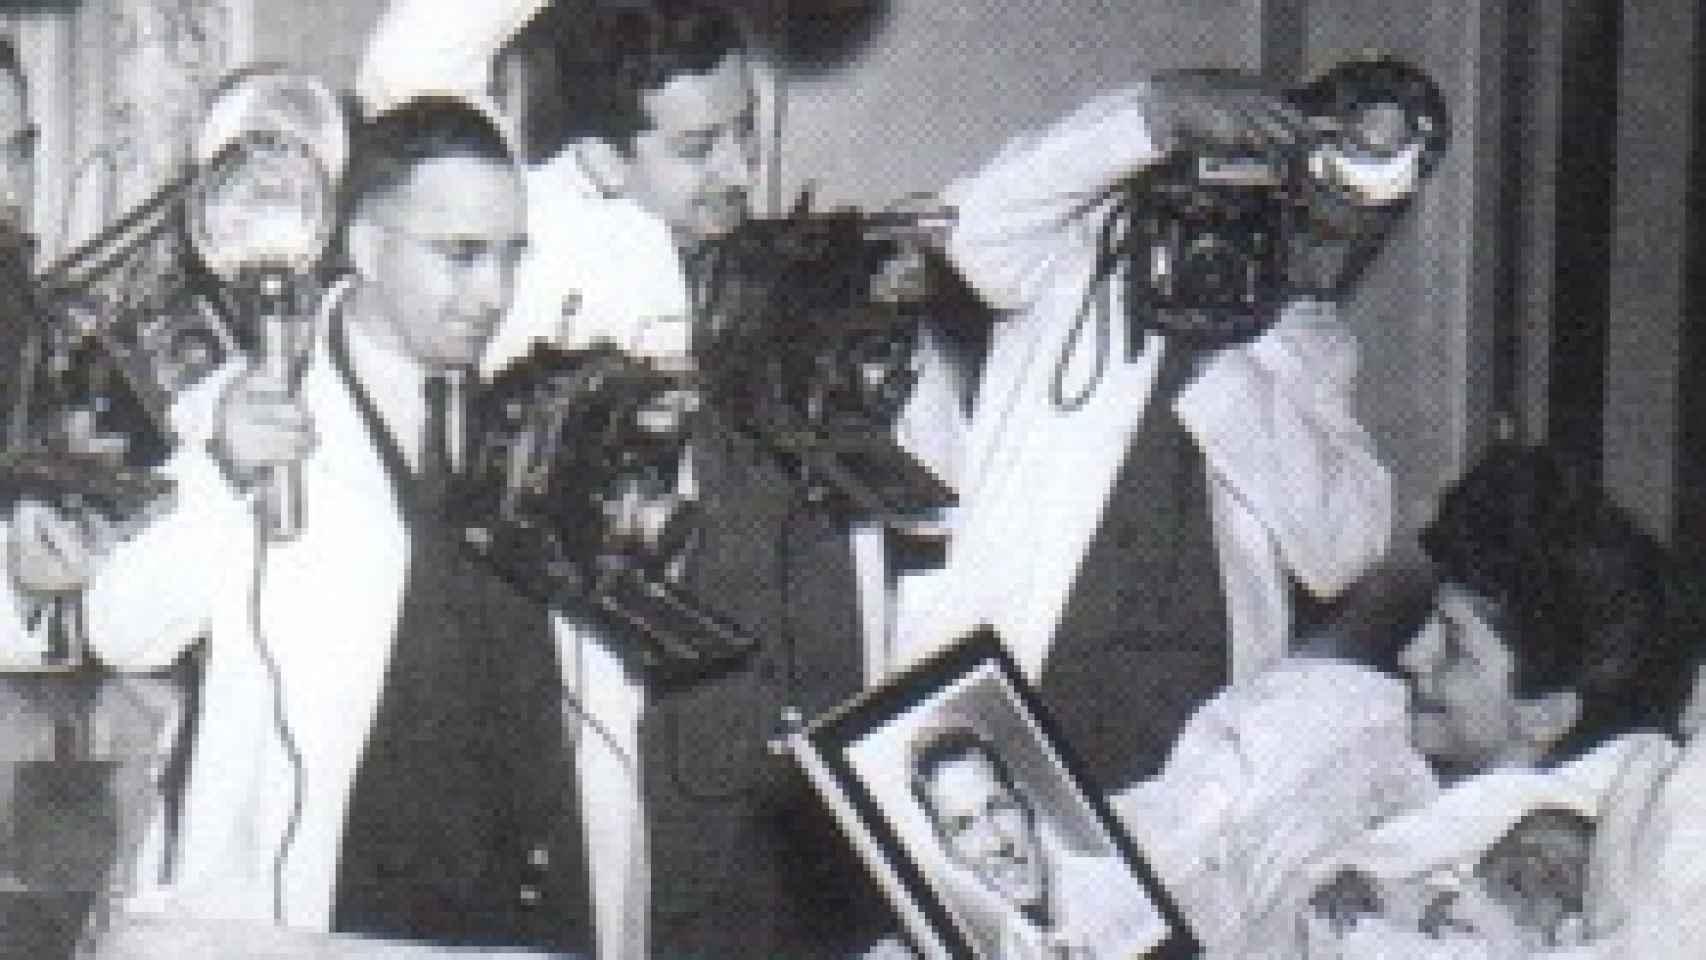 Frank Sinatra Jr. apareció en los medios al día siguiente de su nacimiento